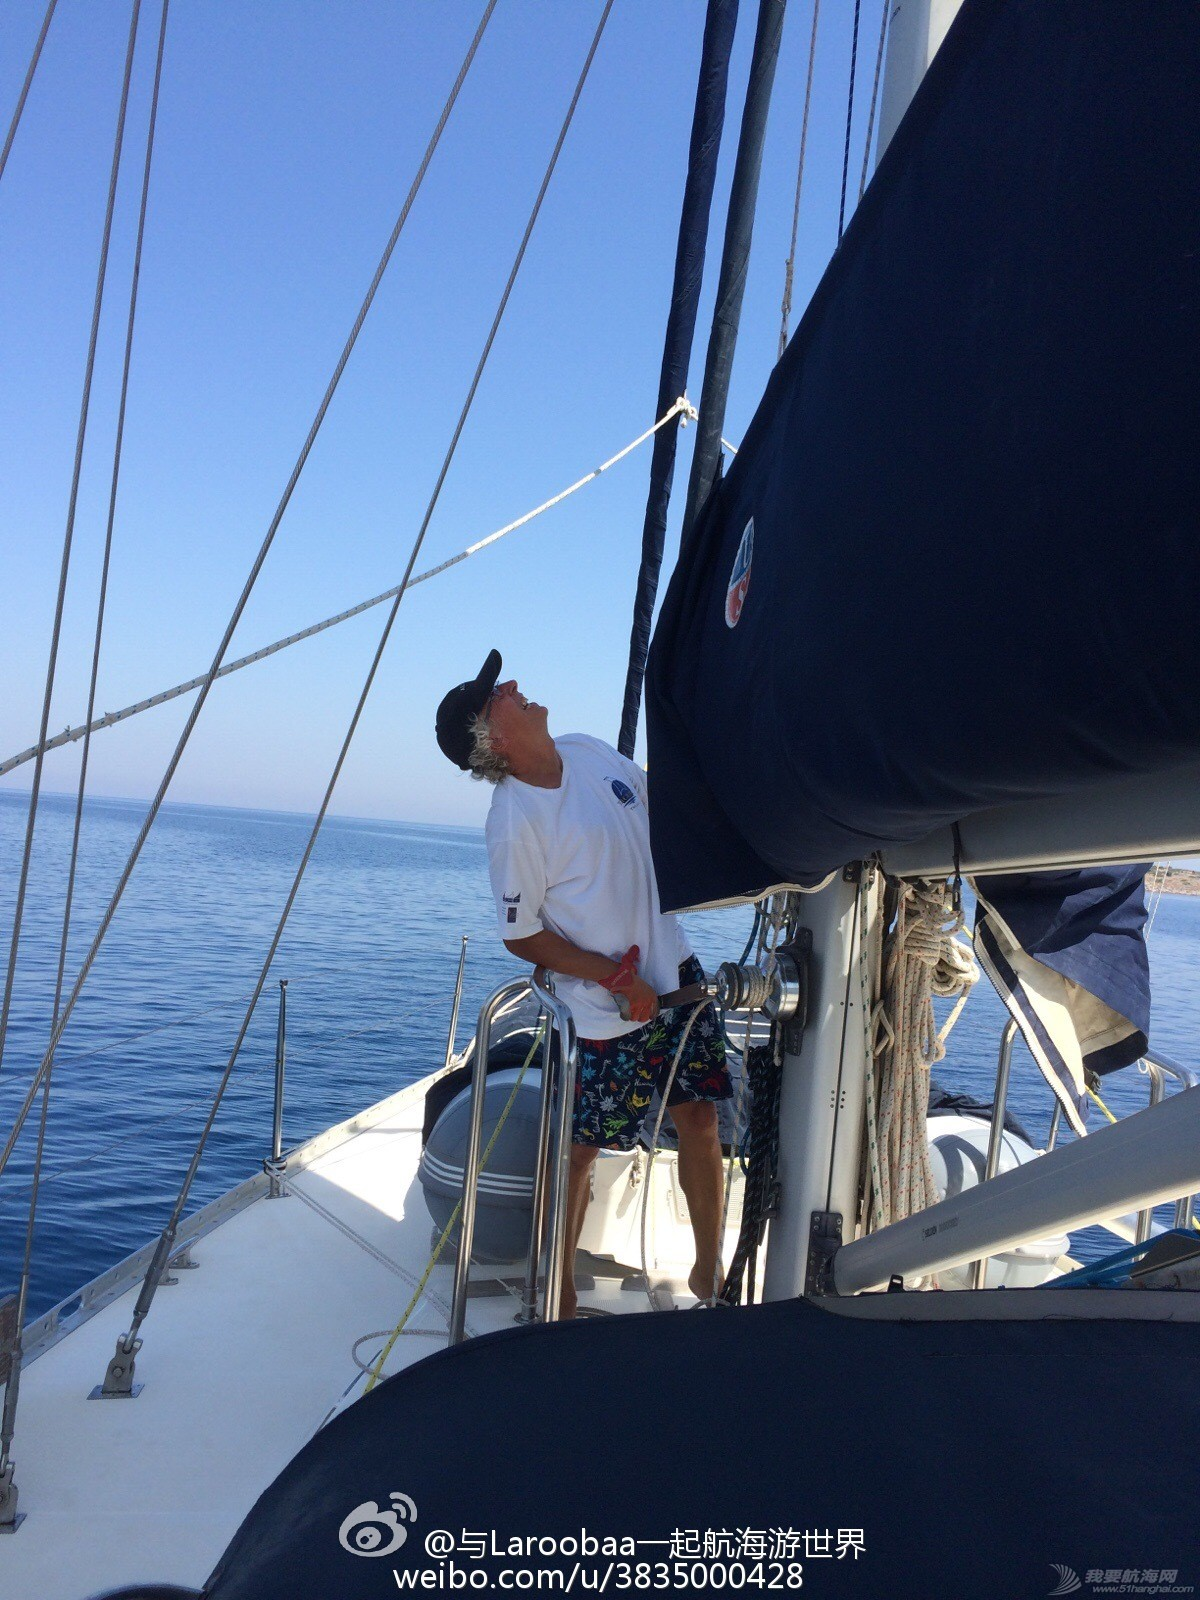 航海为什么可以带给我们这么多快乐? e495766cjw1erfjhpe2d6j20xc18gk4f.jpg